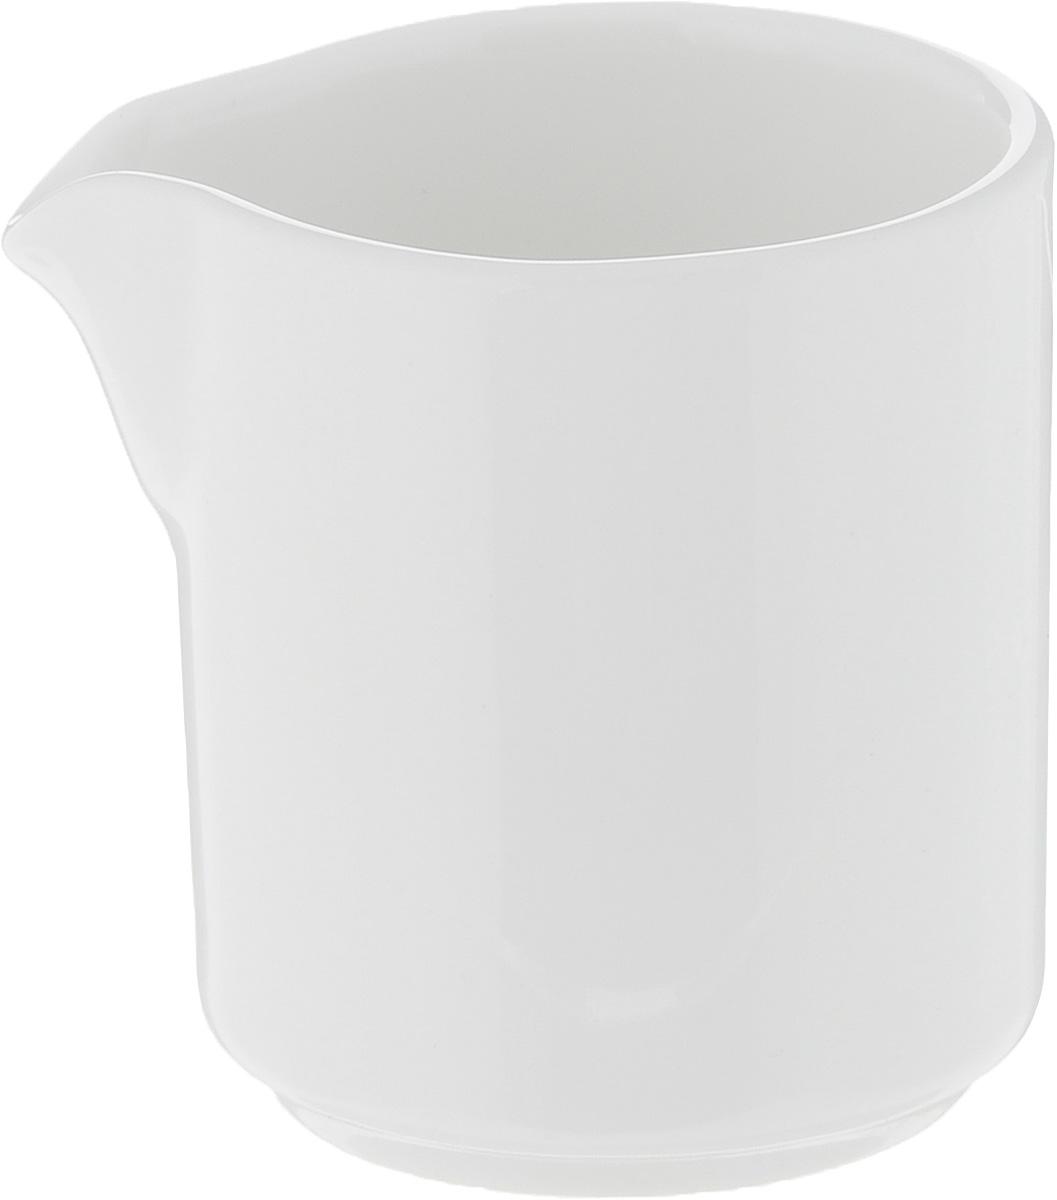 Молочник Ariane Прайм, 50 млAPRARN64005Молочник Ariane Прайм изготовлен из высококачественного фарфора с глазурованным покрытием. Изделие предназначено для сервировки сливок или молока. Такой молочник отлично подойдет как для праздничного чаепития, так и для повседневного использования. Изделие функциональное, практичное и легкое в уходе. Можно мыть в посудомоечной машине и использовать в СВЧ.Диаметр (по верхнему краю): 4,5 см.Высота: 5,5 см.